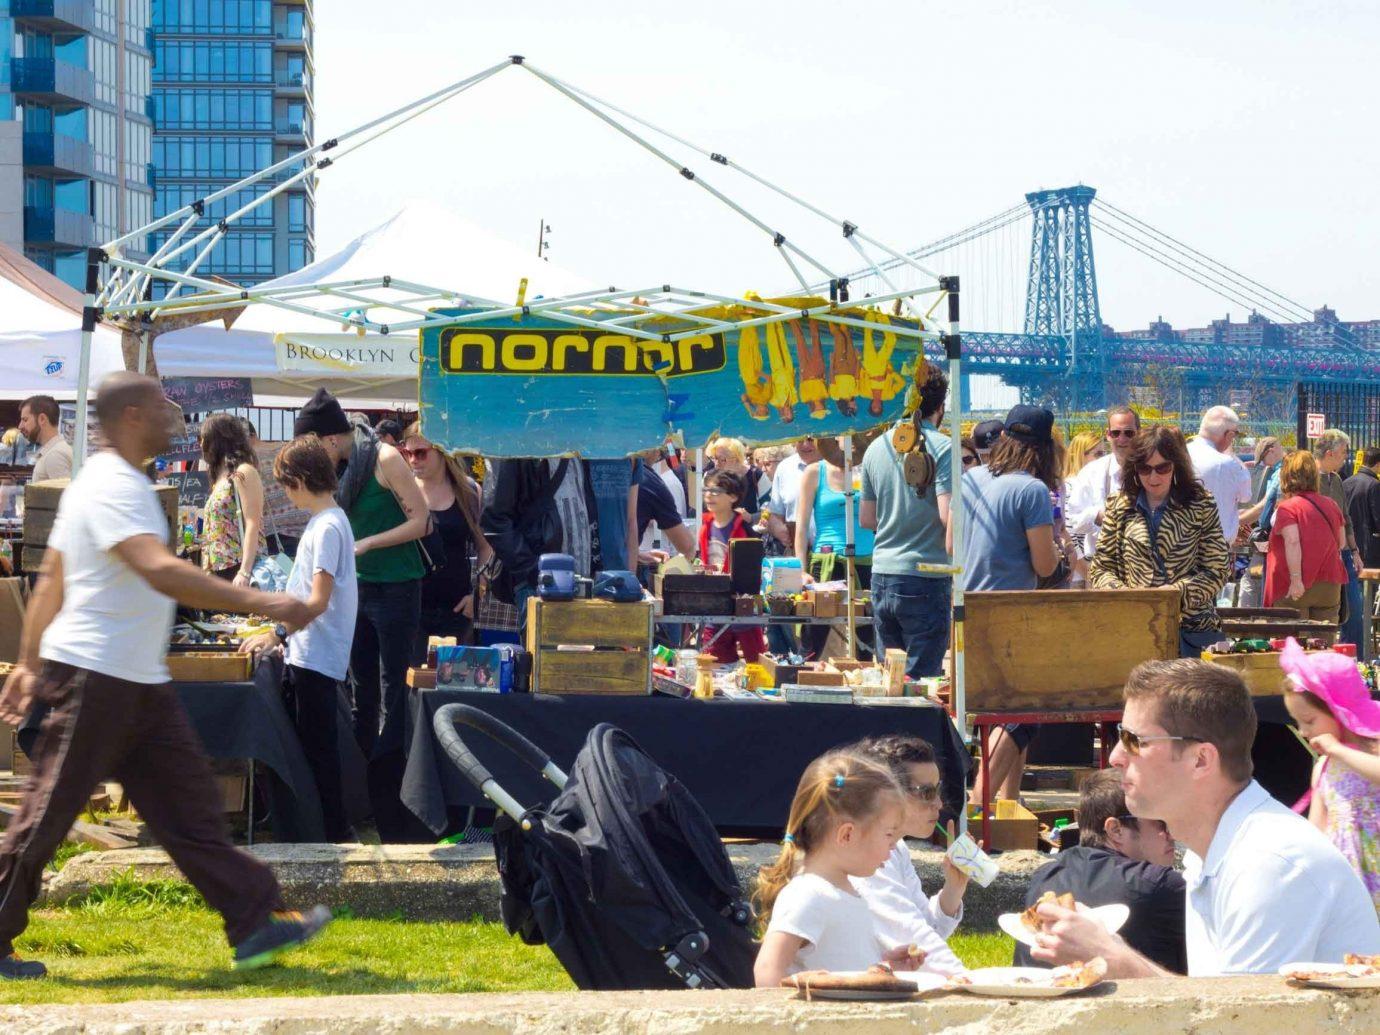 Trip Ideas person outdoor fair public space vendor market people festival group